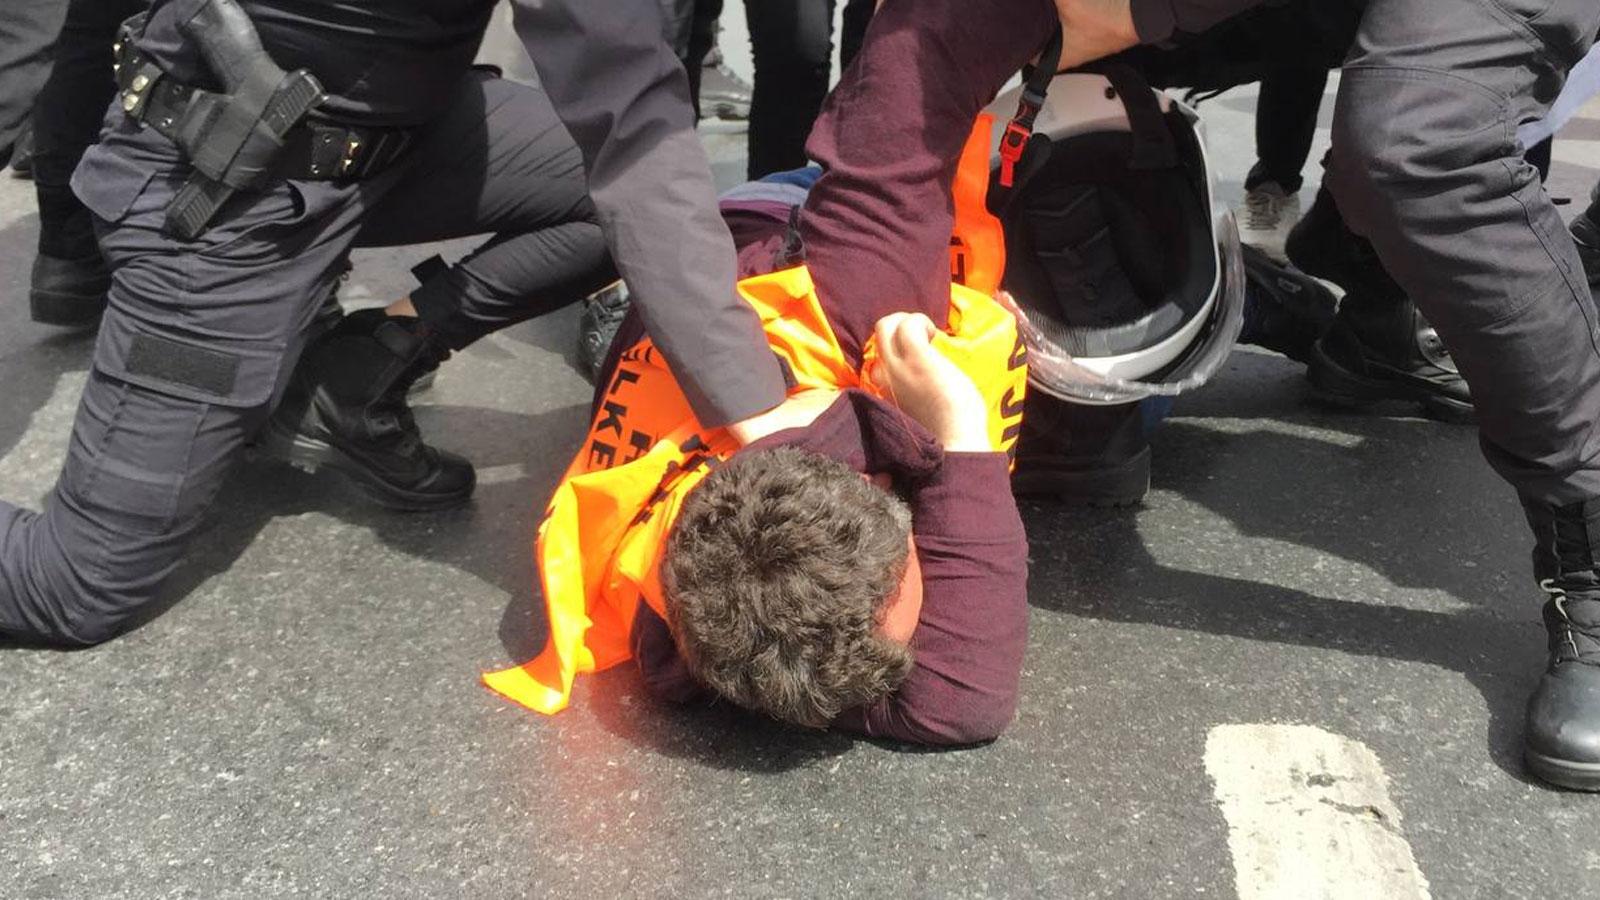 Τουρκία: Όργιο αστυνομικής καταστολής στην πορεία για την Πρωτομαγιά